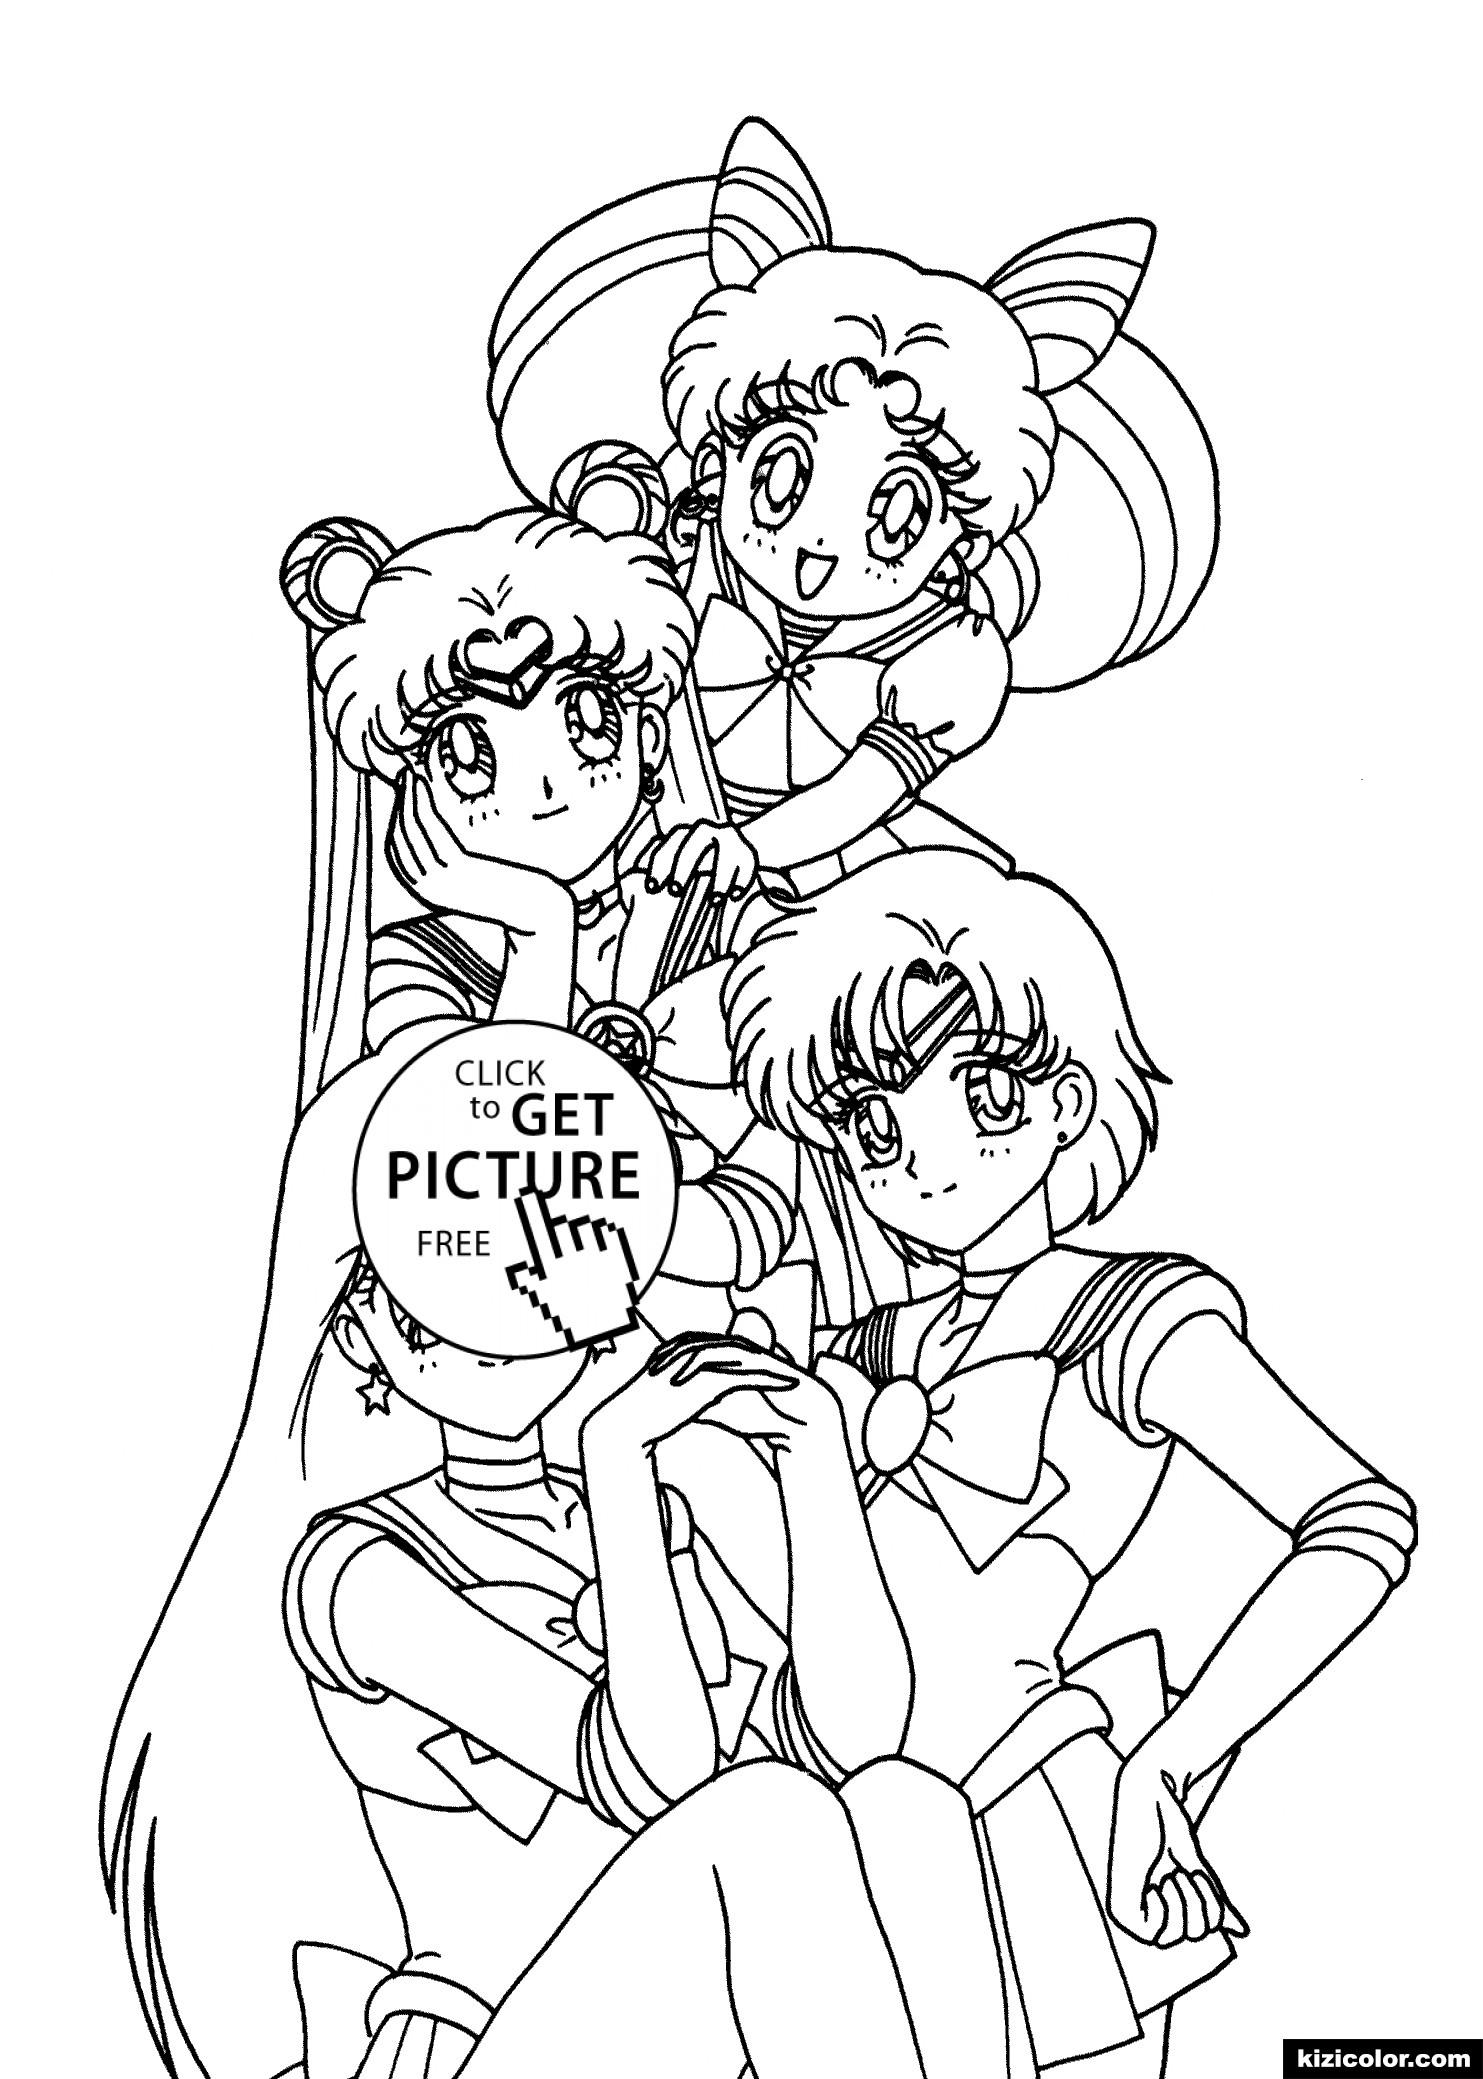 🎨 Sailor Moon Freunde Manga - Ausmalbilder Kostenlos Zum in Manga Zeichenvorlagen